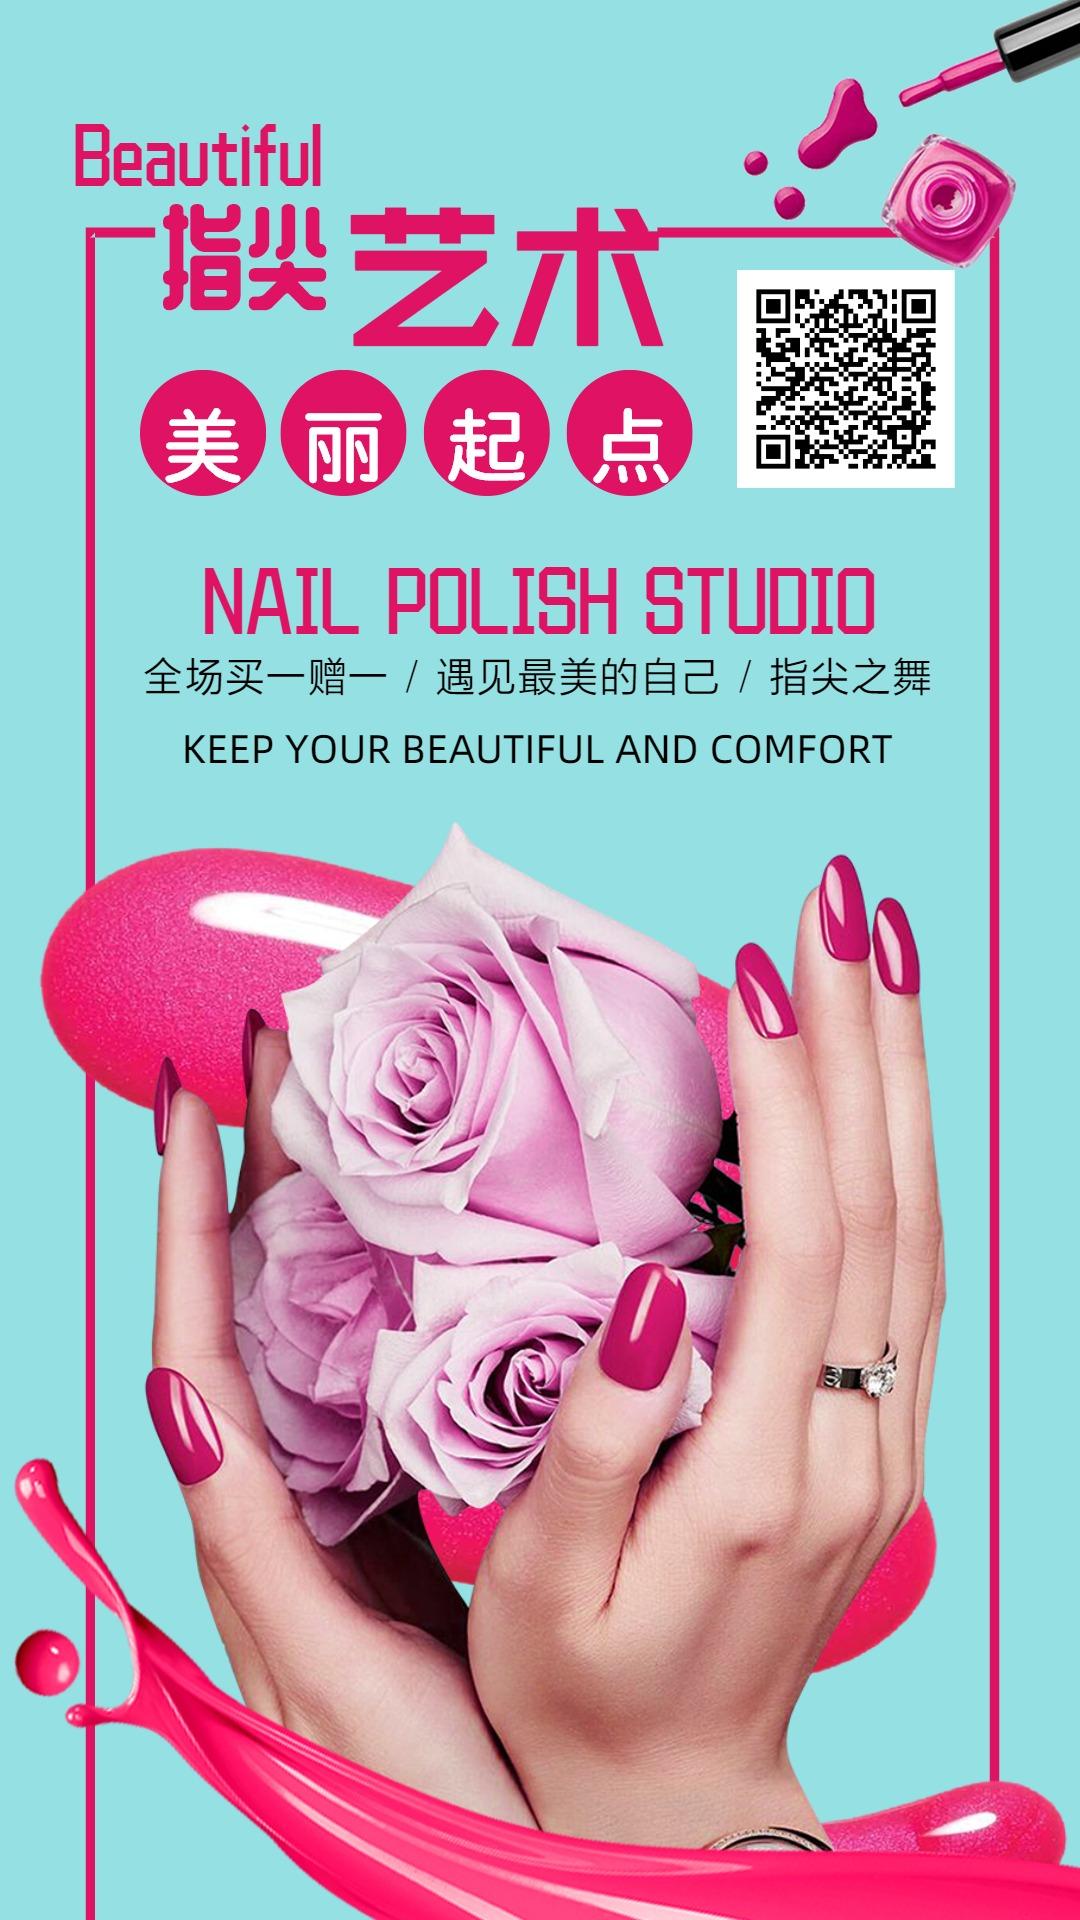 玫瑰色指尖艺术美甲工作室社交名片